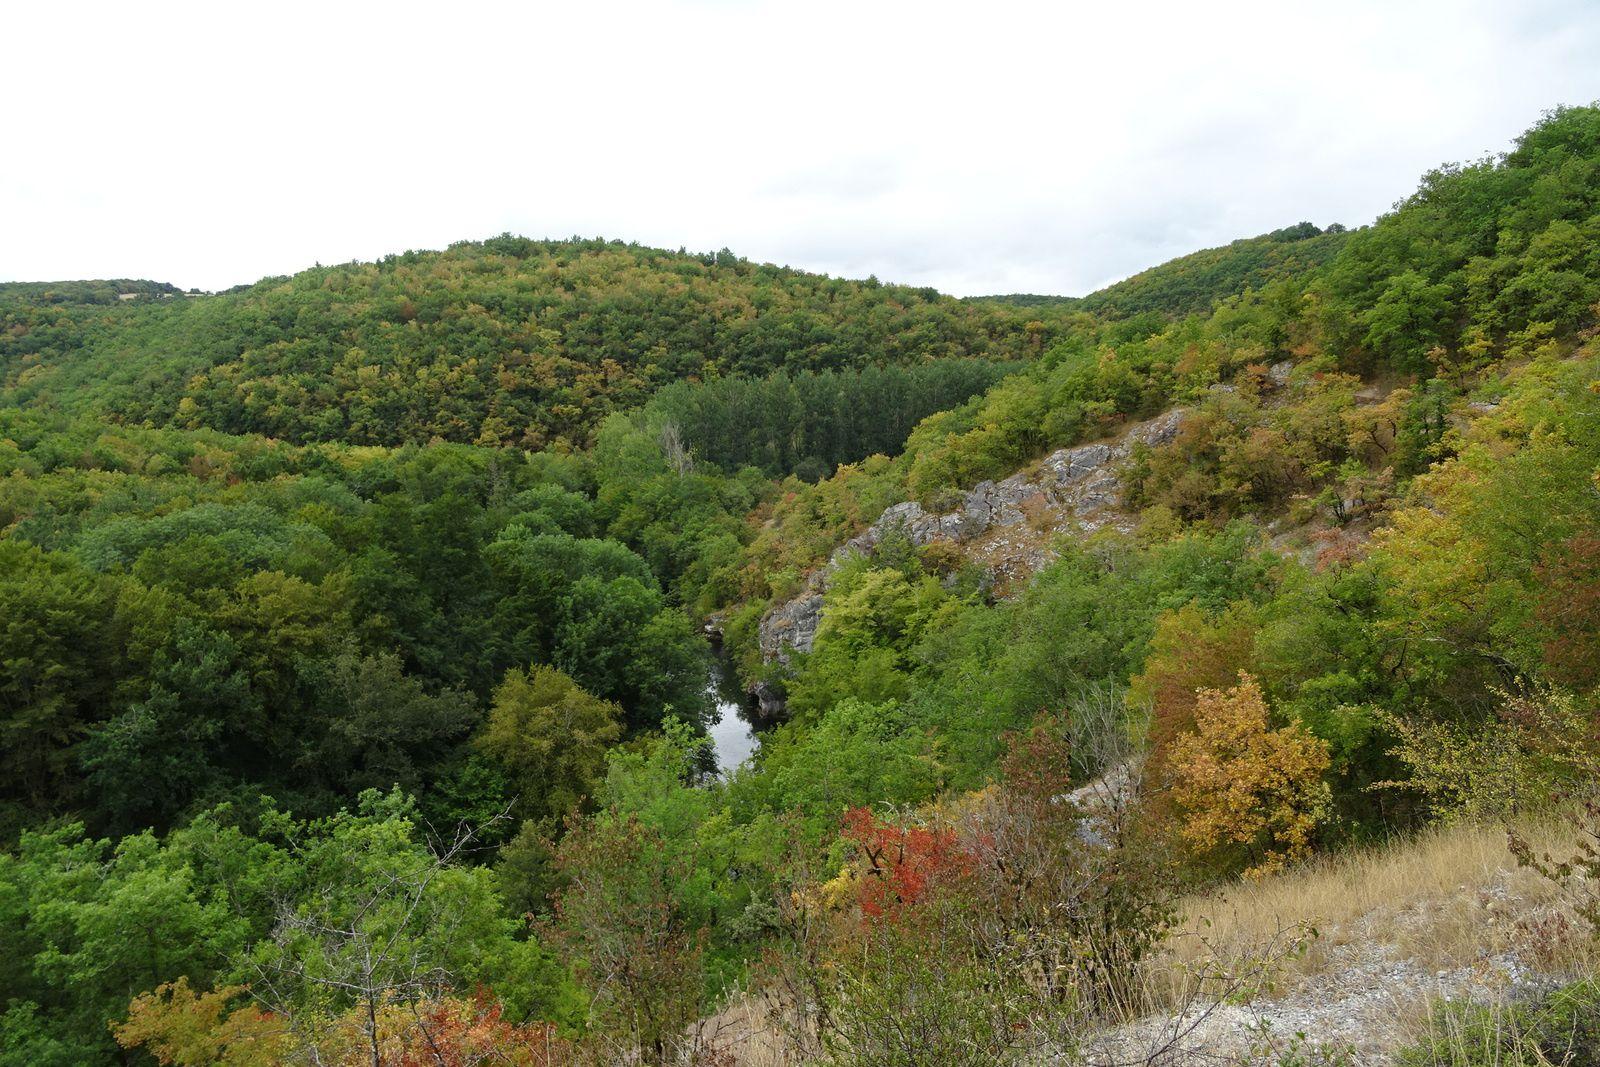 Dans les massifs, l'automne s'installe doucement.